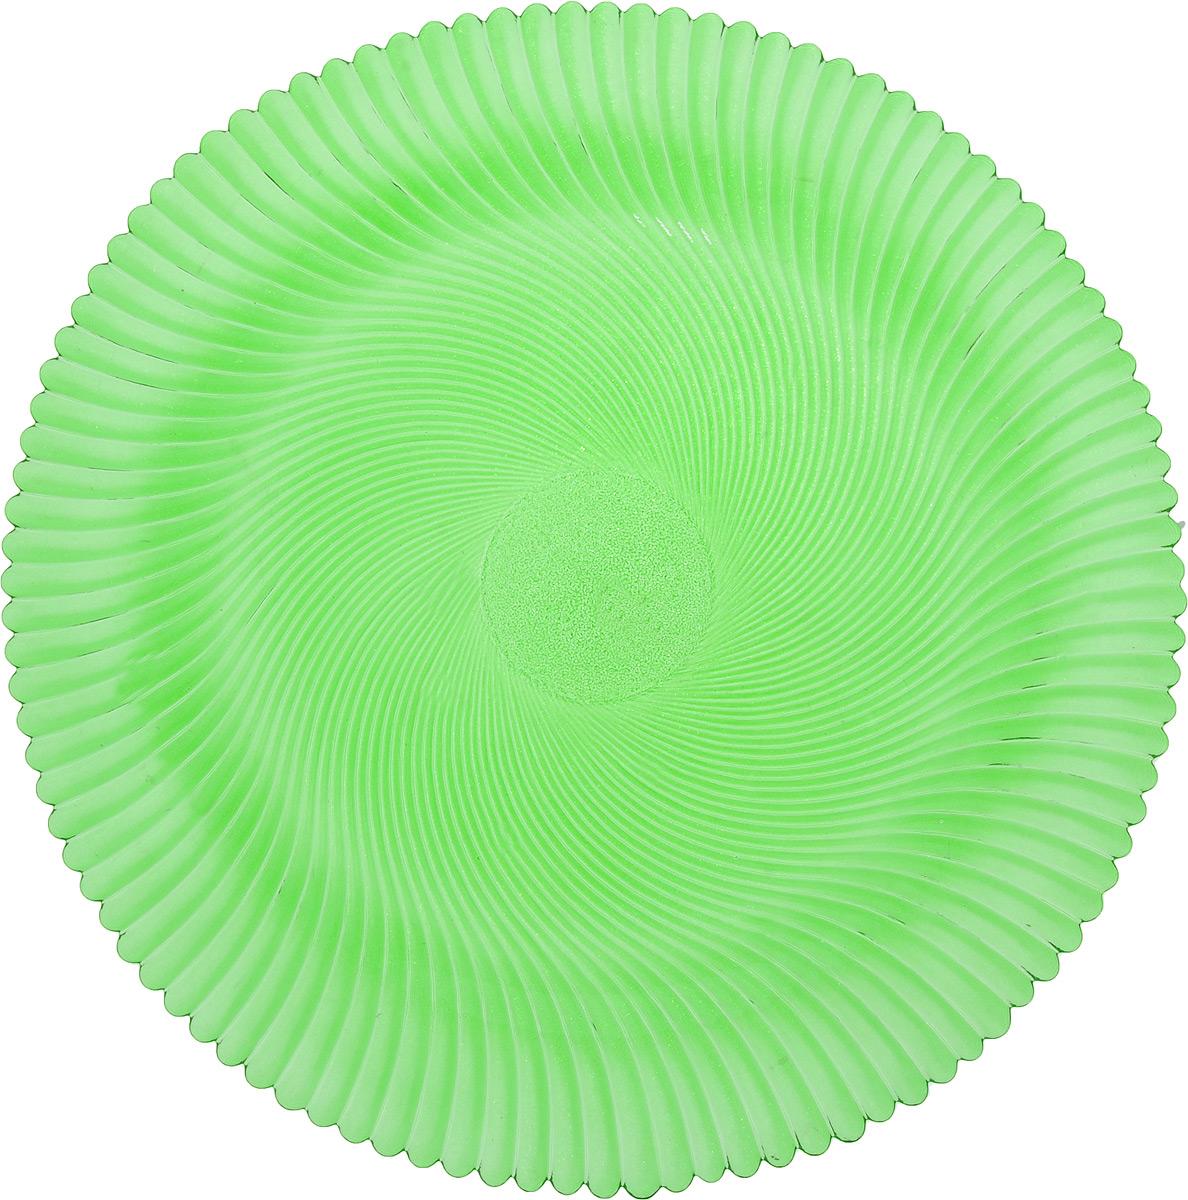 Блюдо NiNaGlass Альтера, цвет: зеленый, диаметр 32 см83-028-ф320 ЗЕЛБлюдо NiNaGlass Альтера, изготовленное из высококачественного стекла, имеет круглую форму и прекрасно подойдет для подачи нарезок, закусок и других блюд. Внешняя стенка изделия имеет рельефную форму. Такое блюдо украсит сервировку вашего стола и подчеркнет прекрасный вкус хозяйки. Диаметр блюда (по верхнему краю): 32 см. Высота блюда: 2 см.